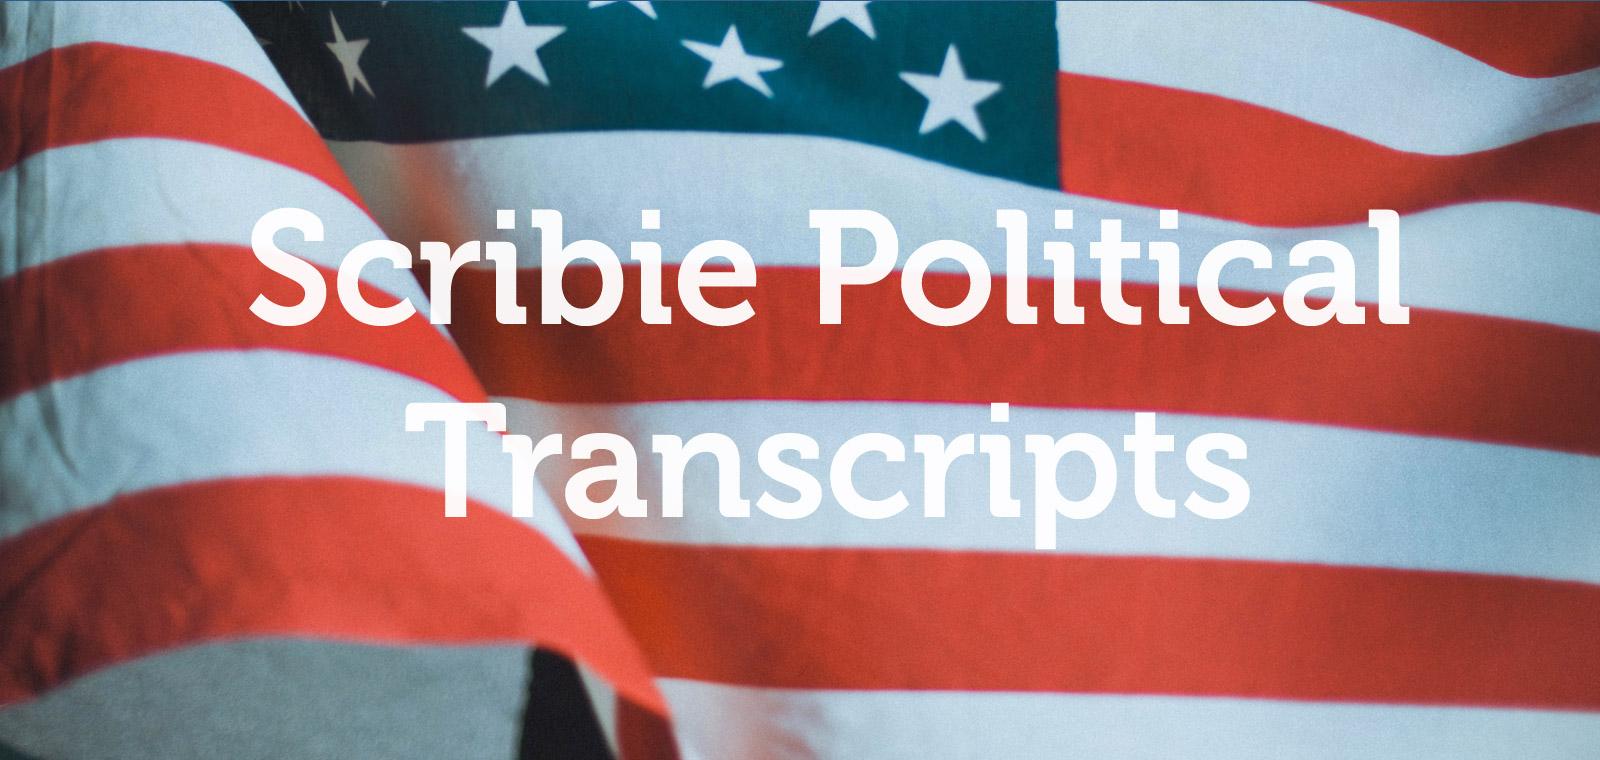 scribiepolitical